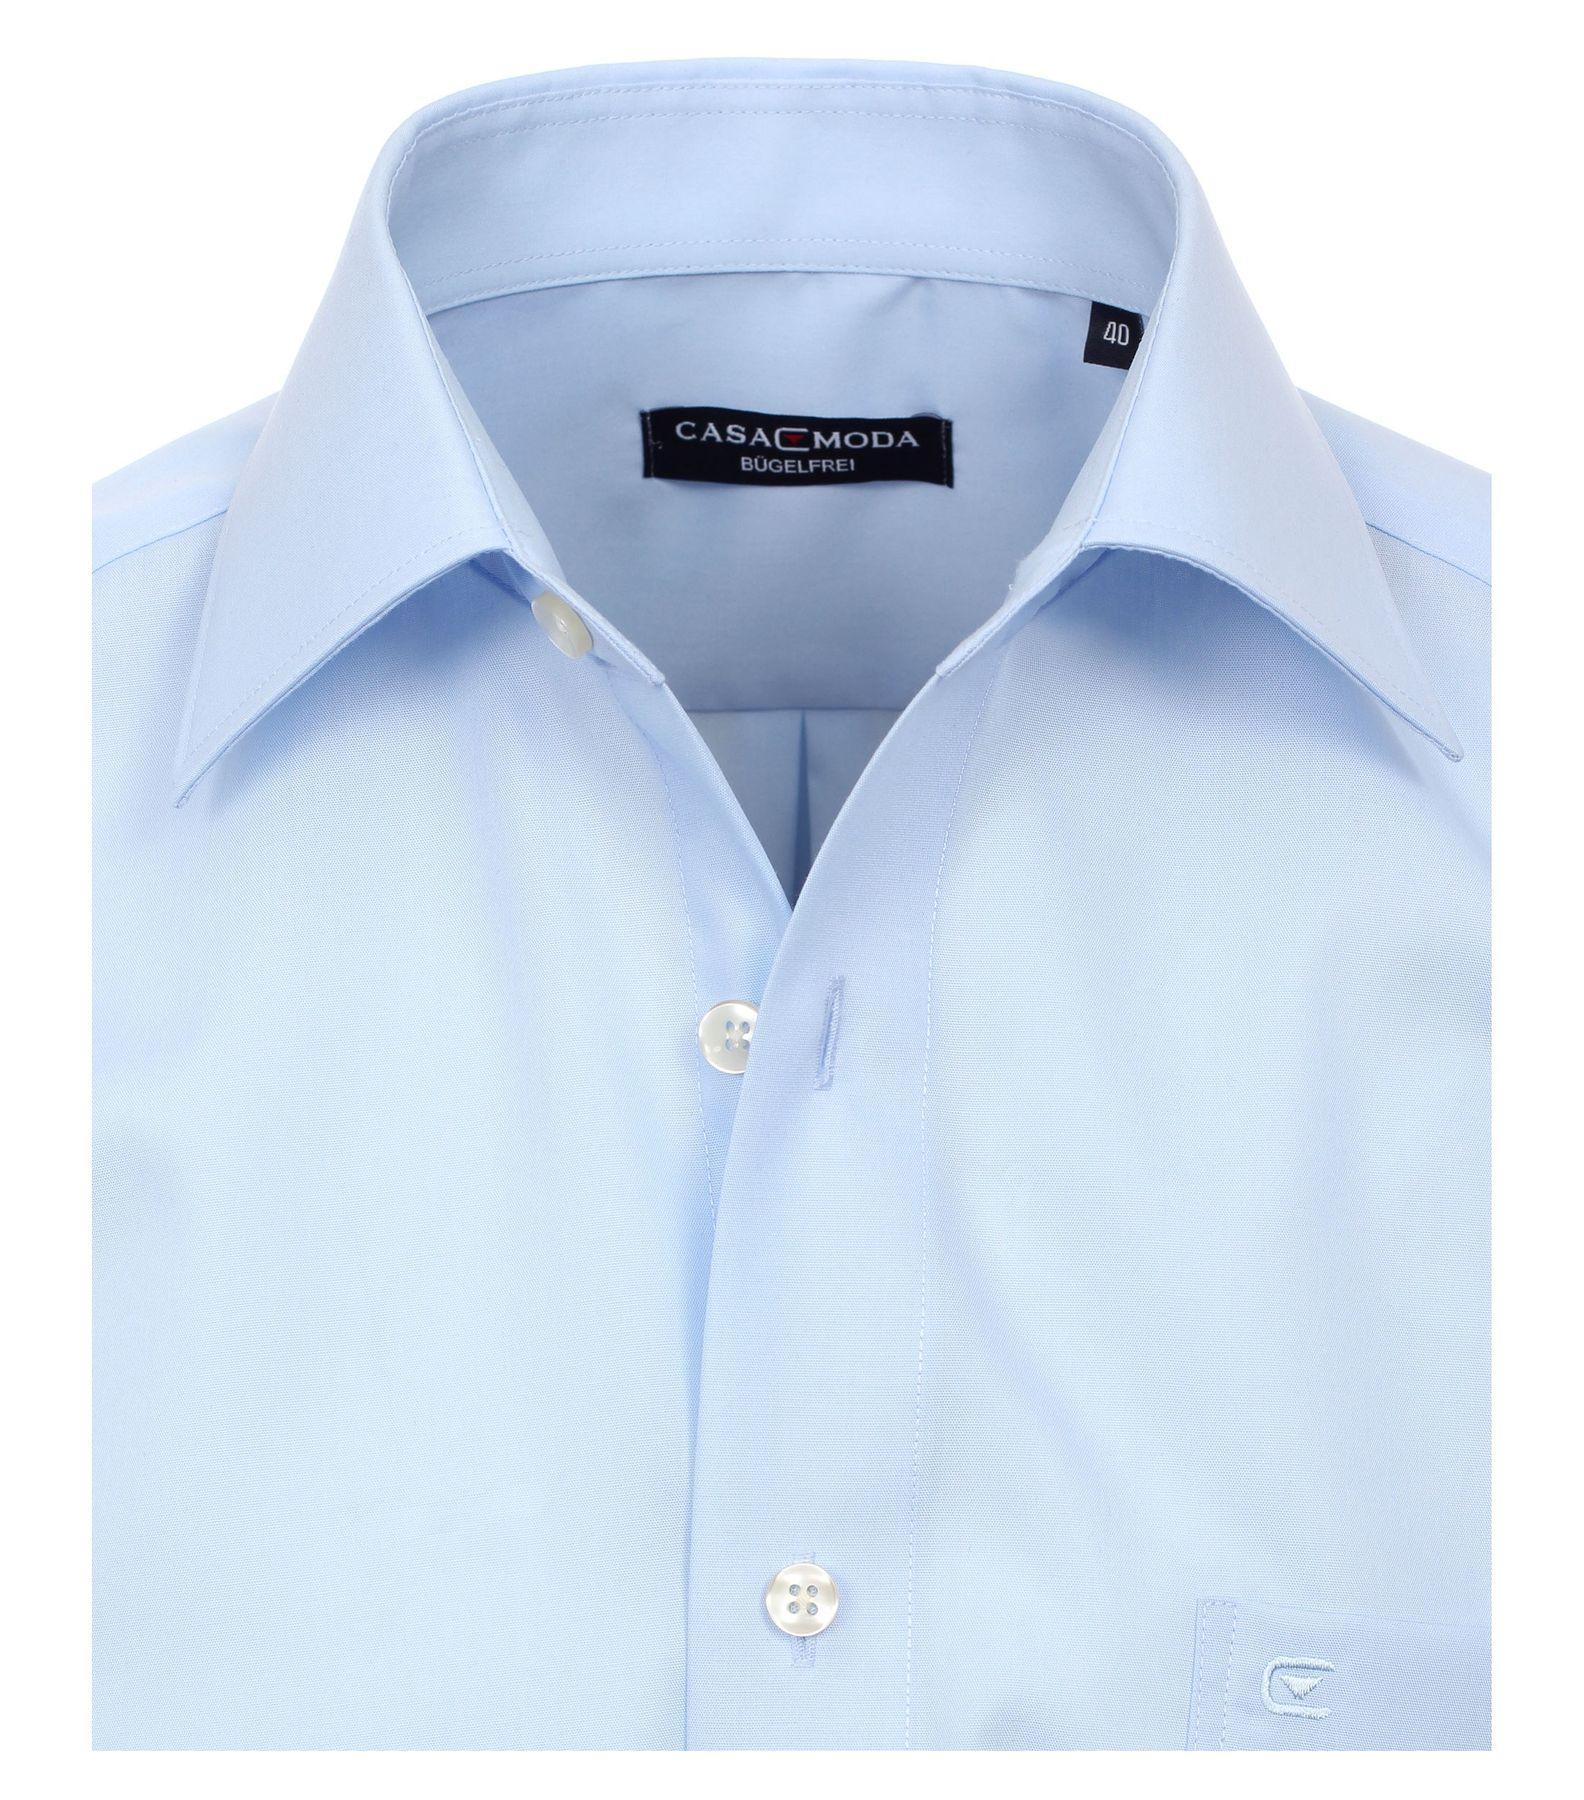 Casa Moda - Comfort Fit - Bügelfreies Herren Business kurzarm Hemd verschiedene Farben (008070 A) – Bild 4